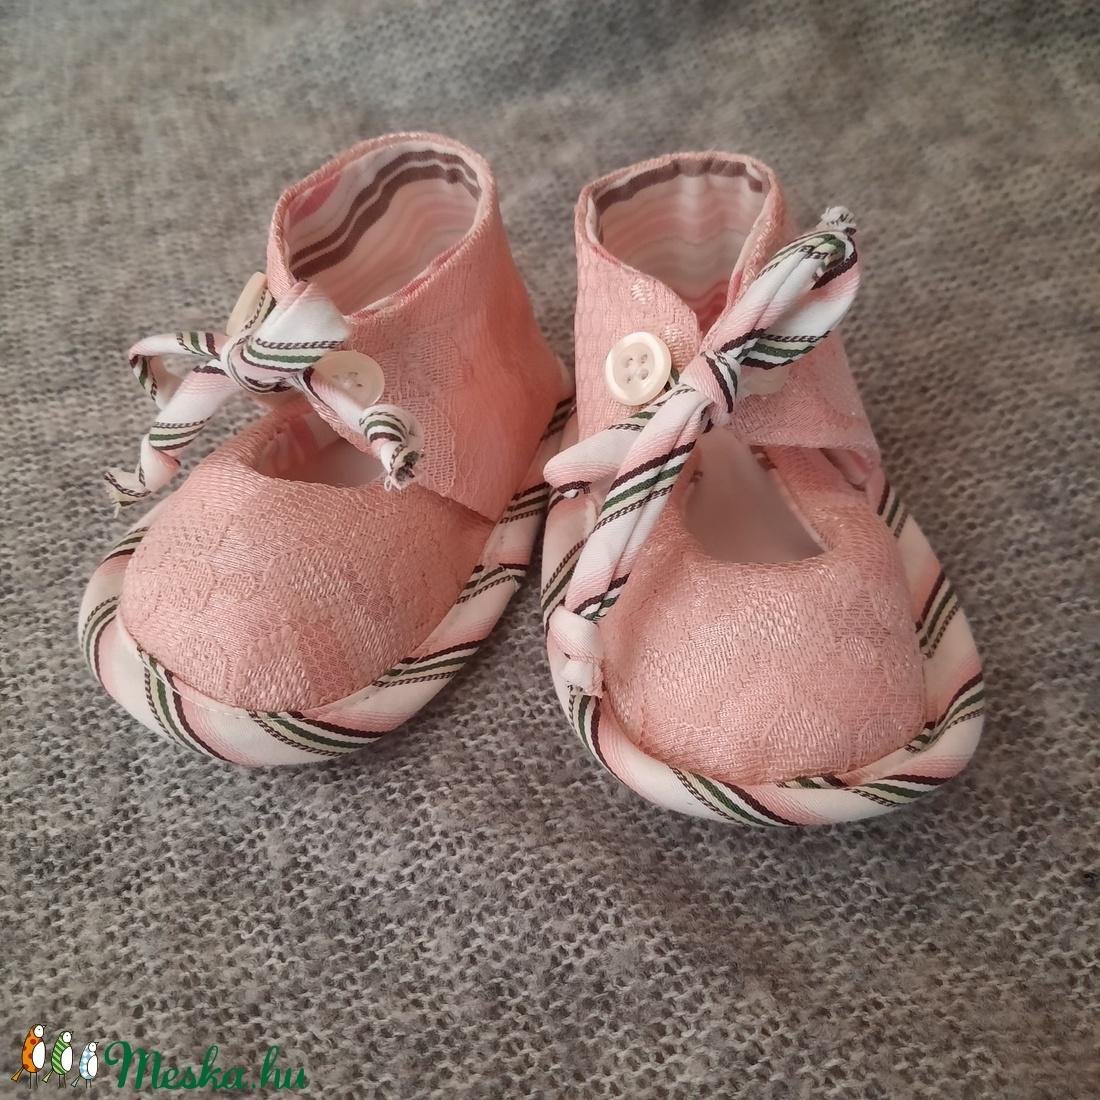 Baby cipő Angéla (Birodalom) - Meska.hu